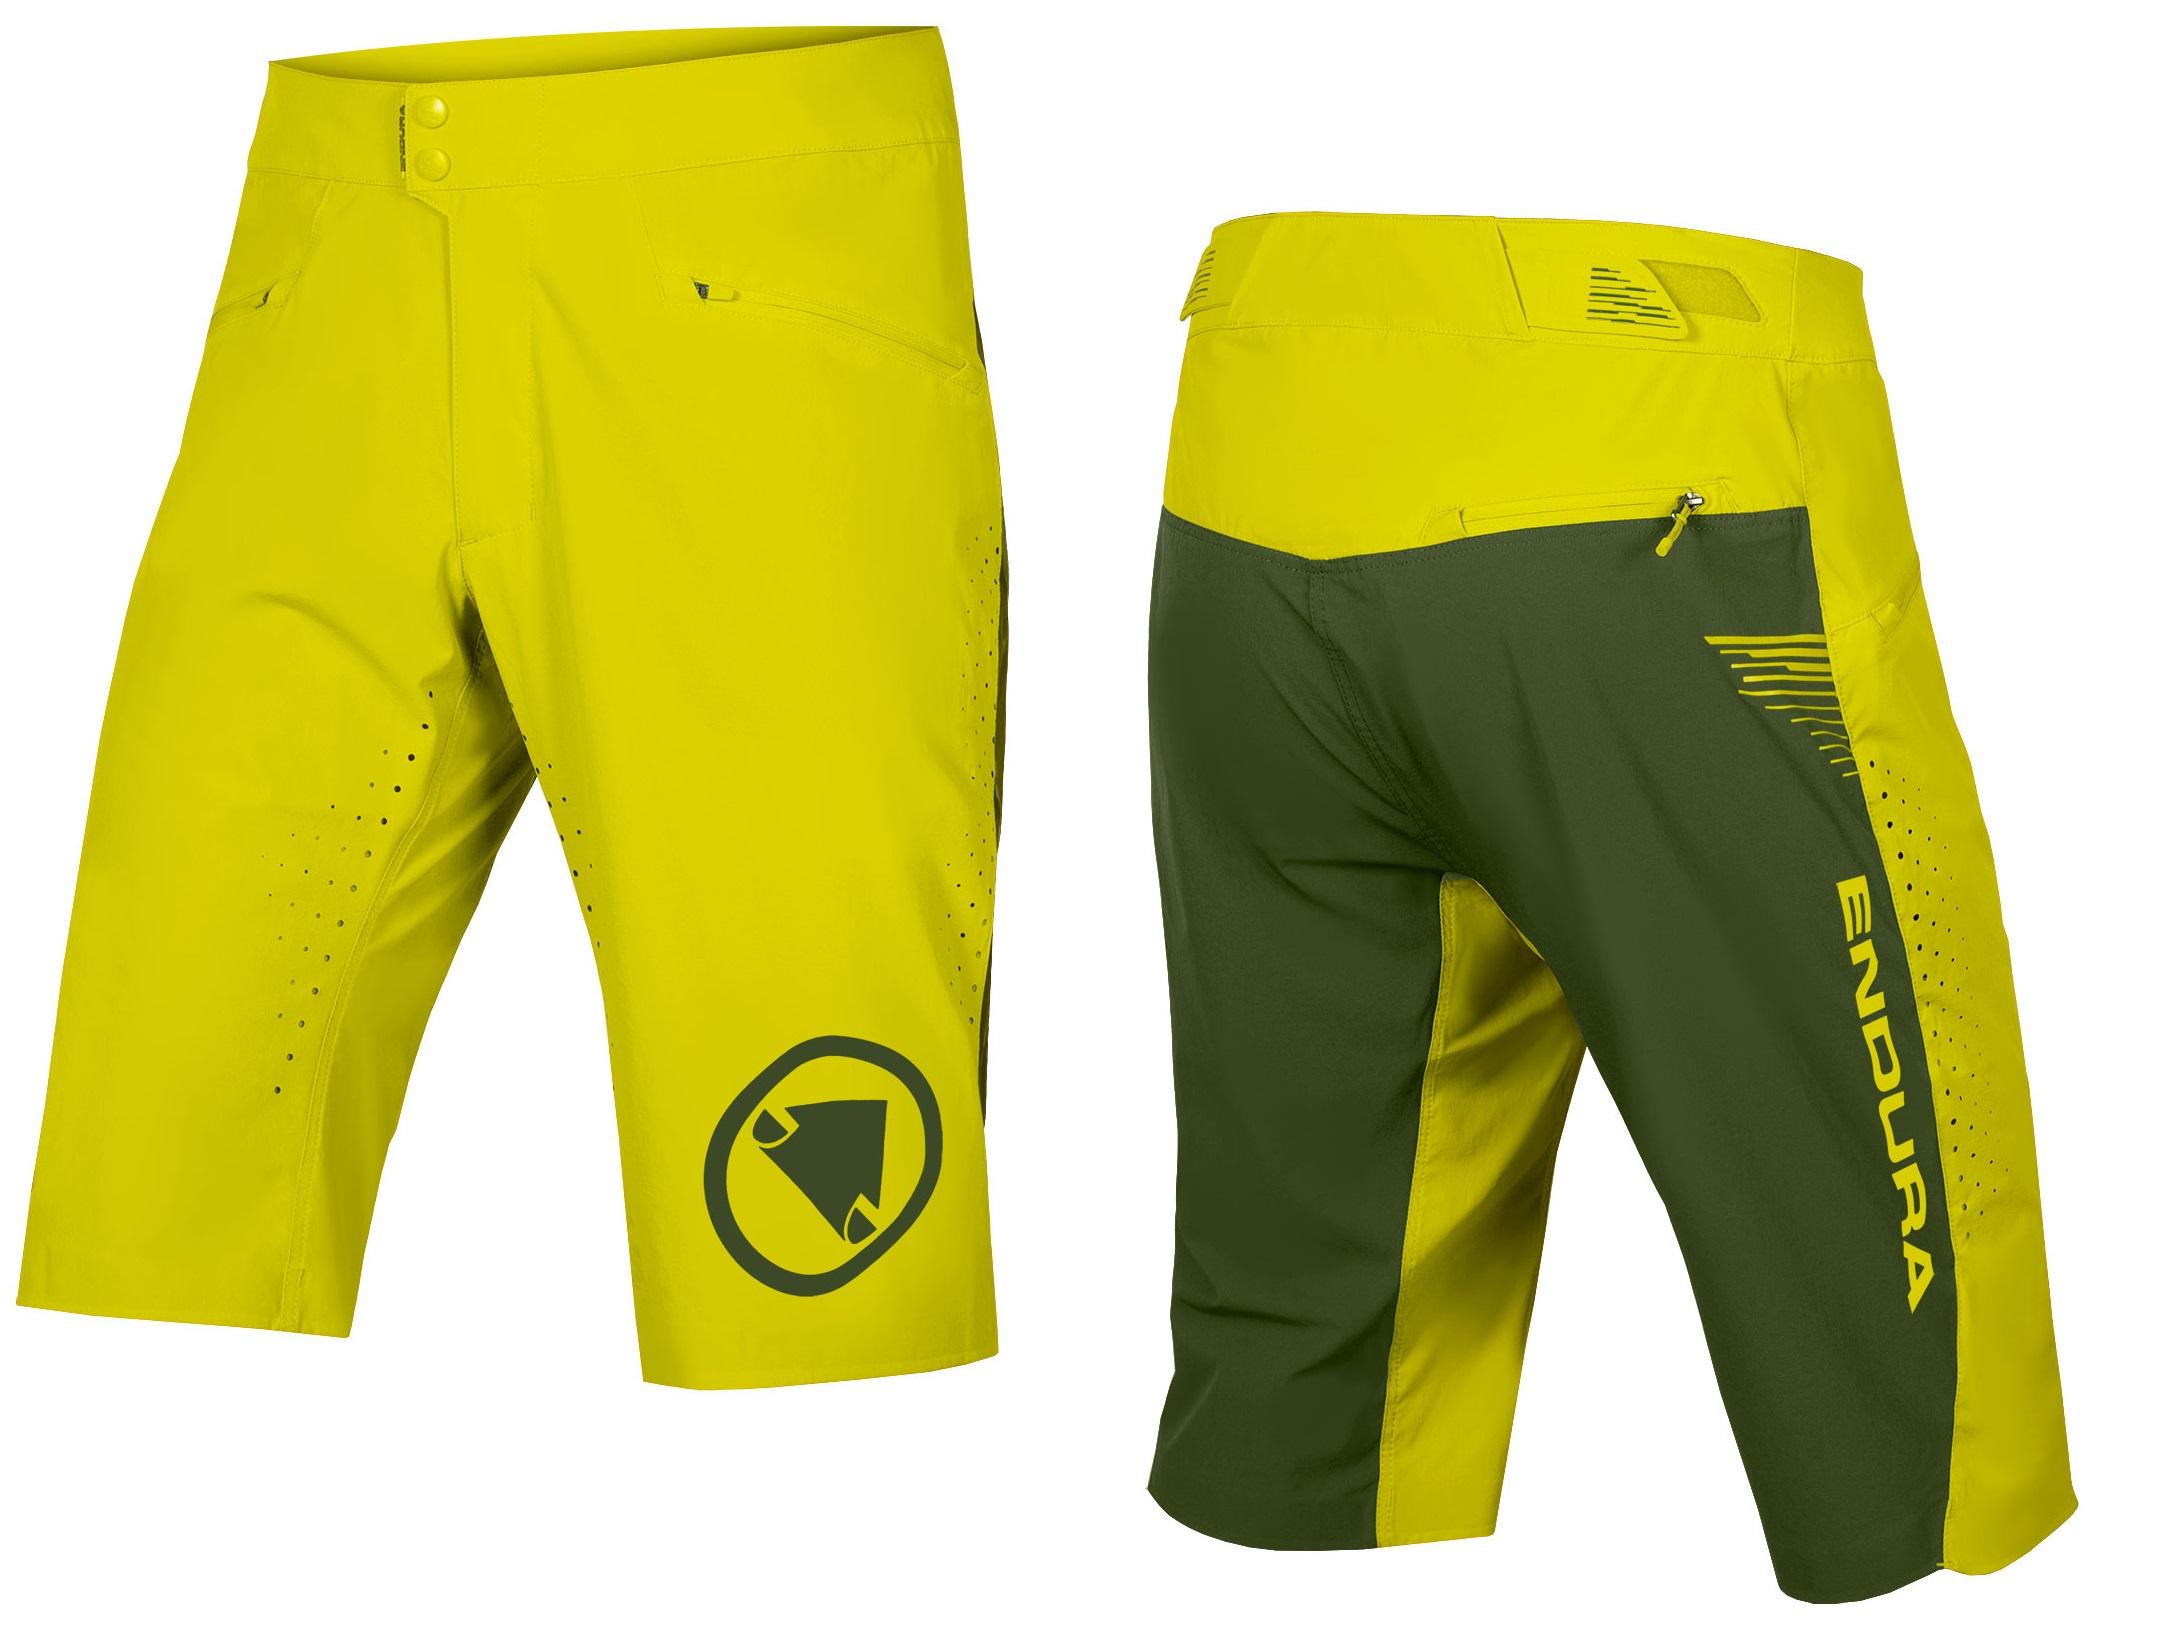 hlače kratke endura singletrack lite short standard fit forest green